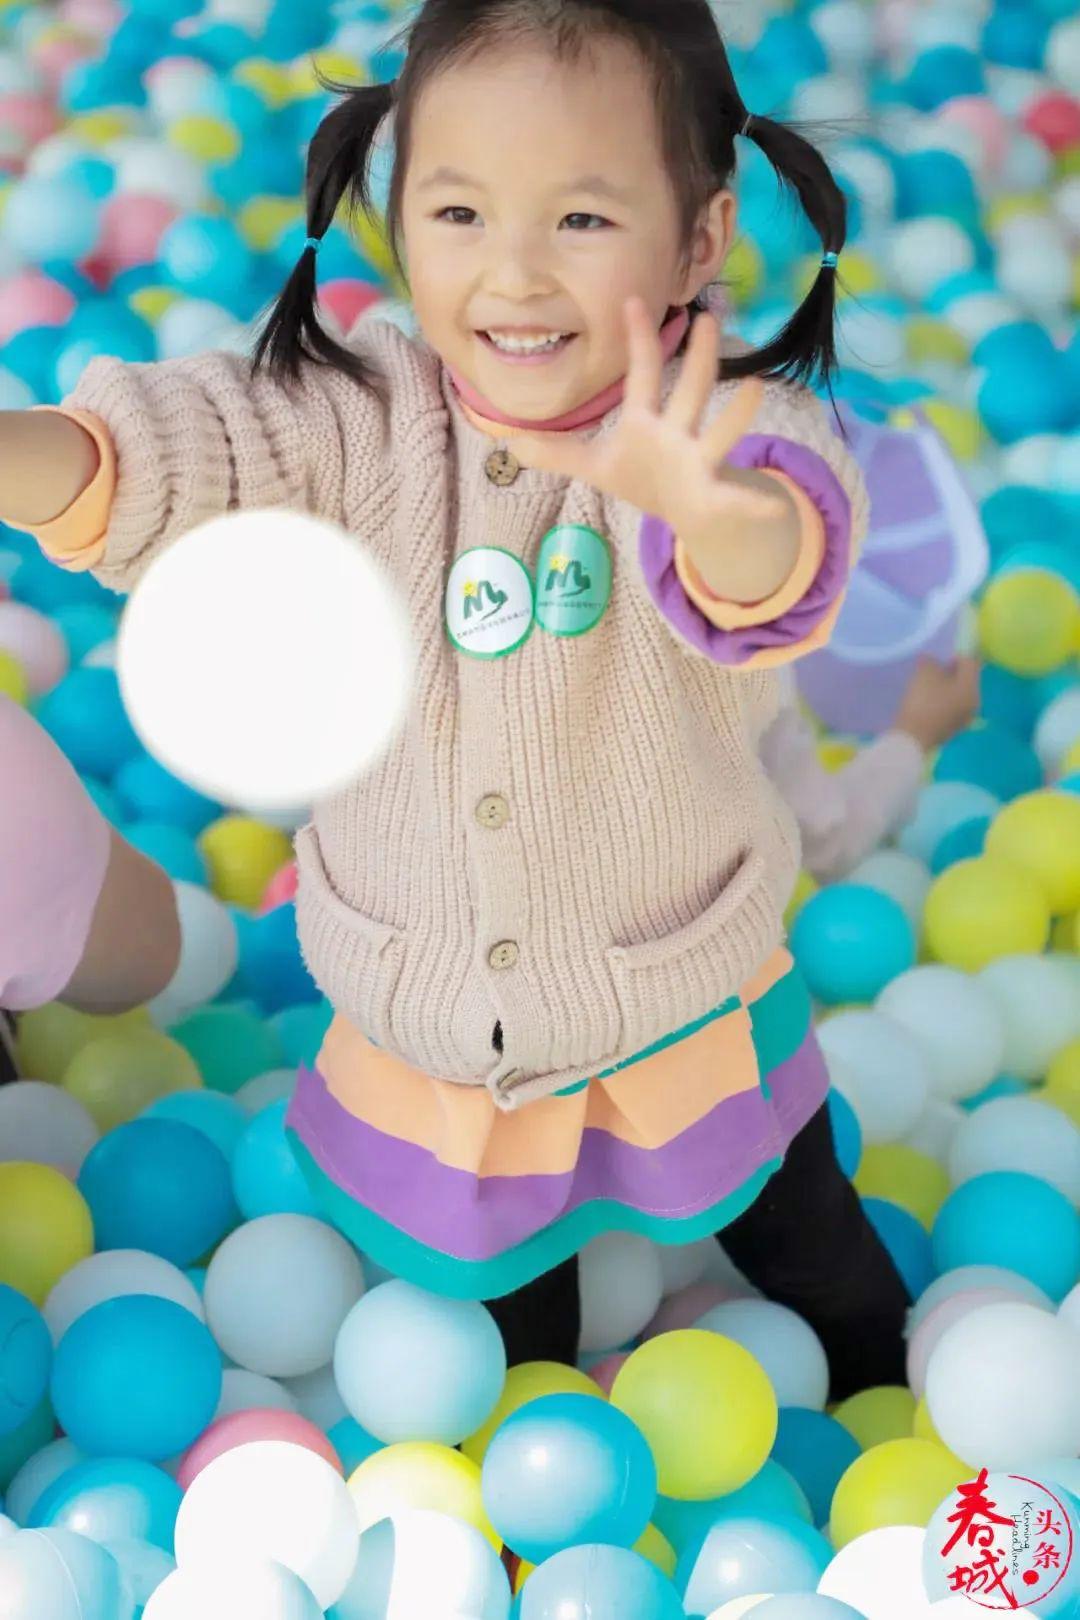 昆明户外亲子游新晋打卡地!20+种趣味游乐项目承包你的假日欢乐!